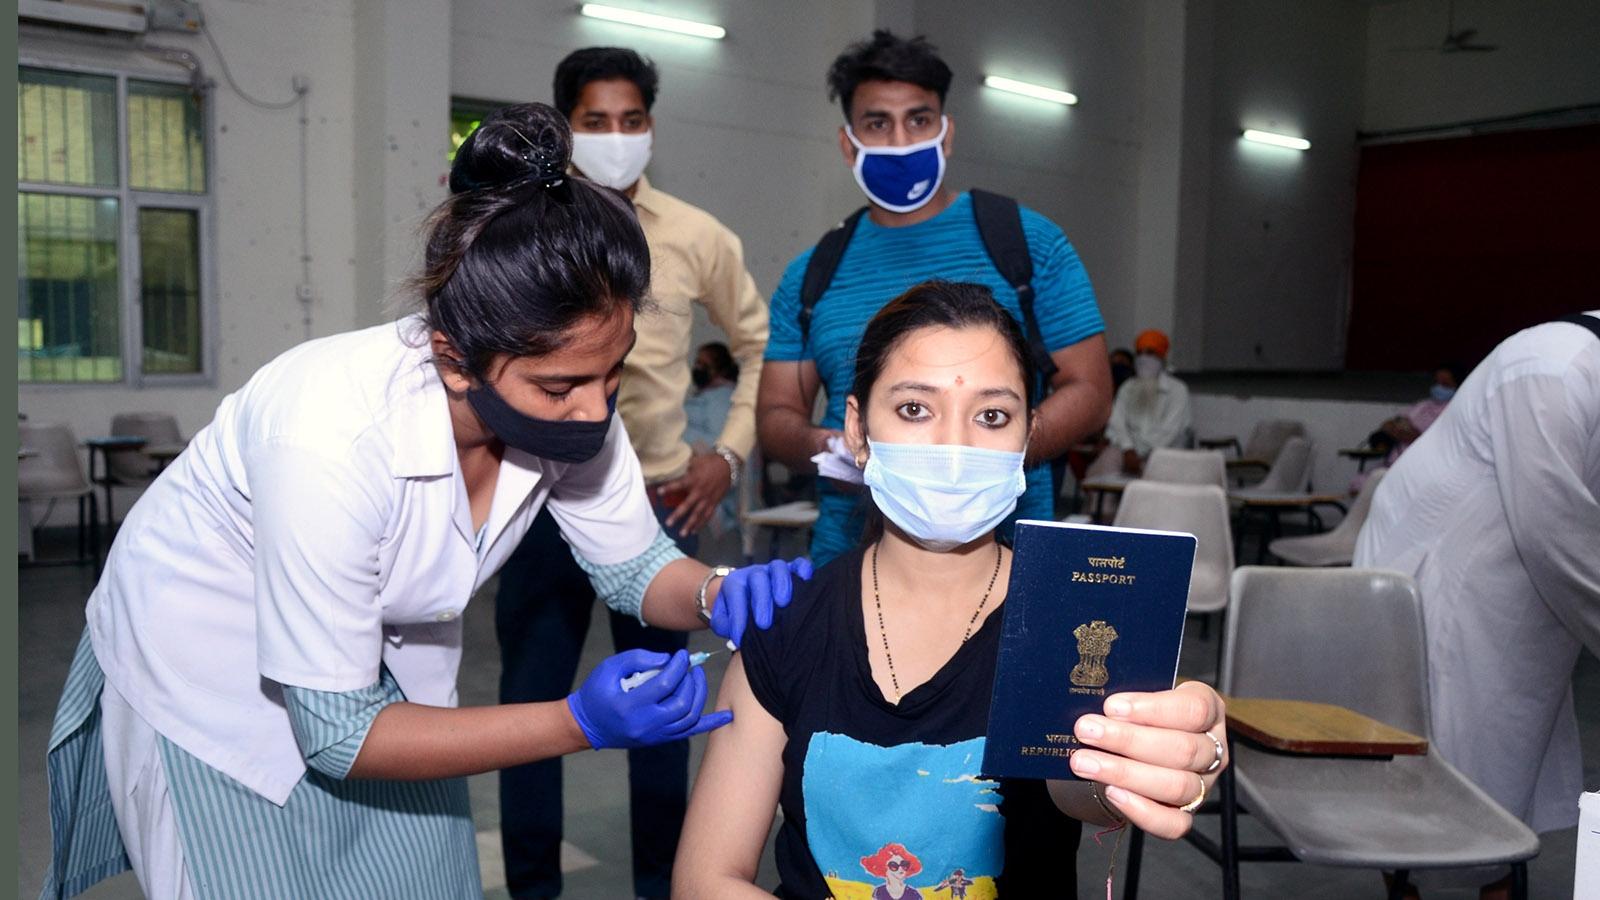 """Ấn Độ sẽ thảo luận """"hộ chiếu vaccine"""" trên cơ sở công bằng trong tiếp cận"""